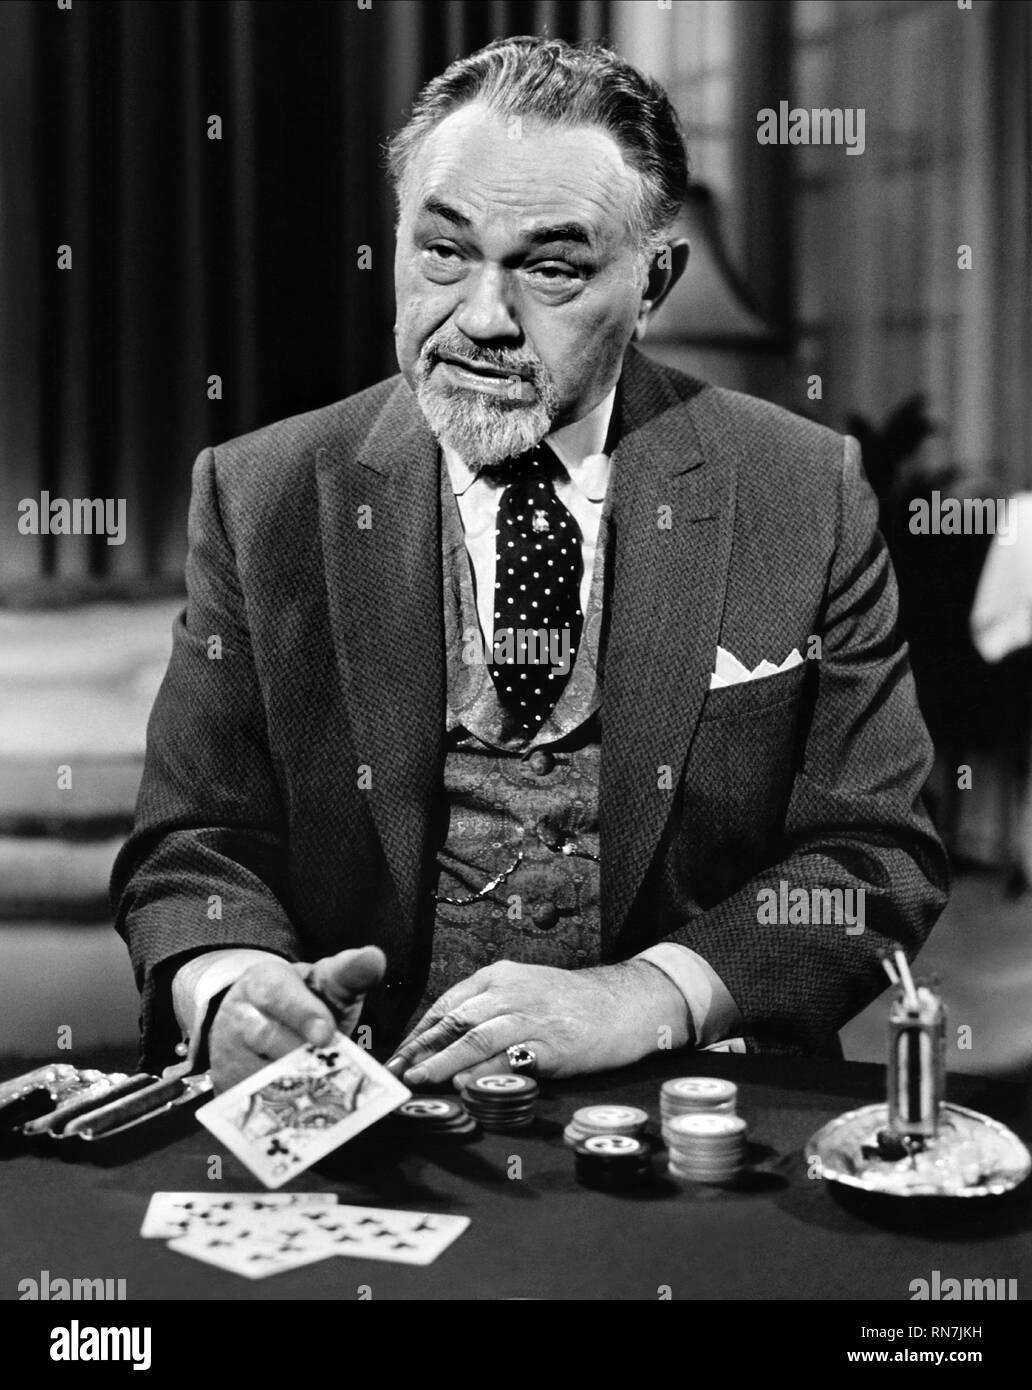 EDWARD G. Robinson, el CINCINNATI KID, 1965 Foto de stock